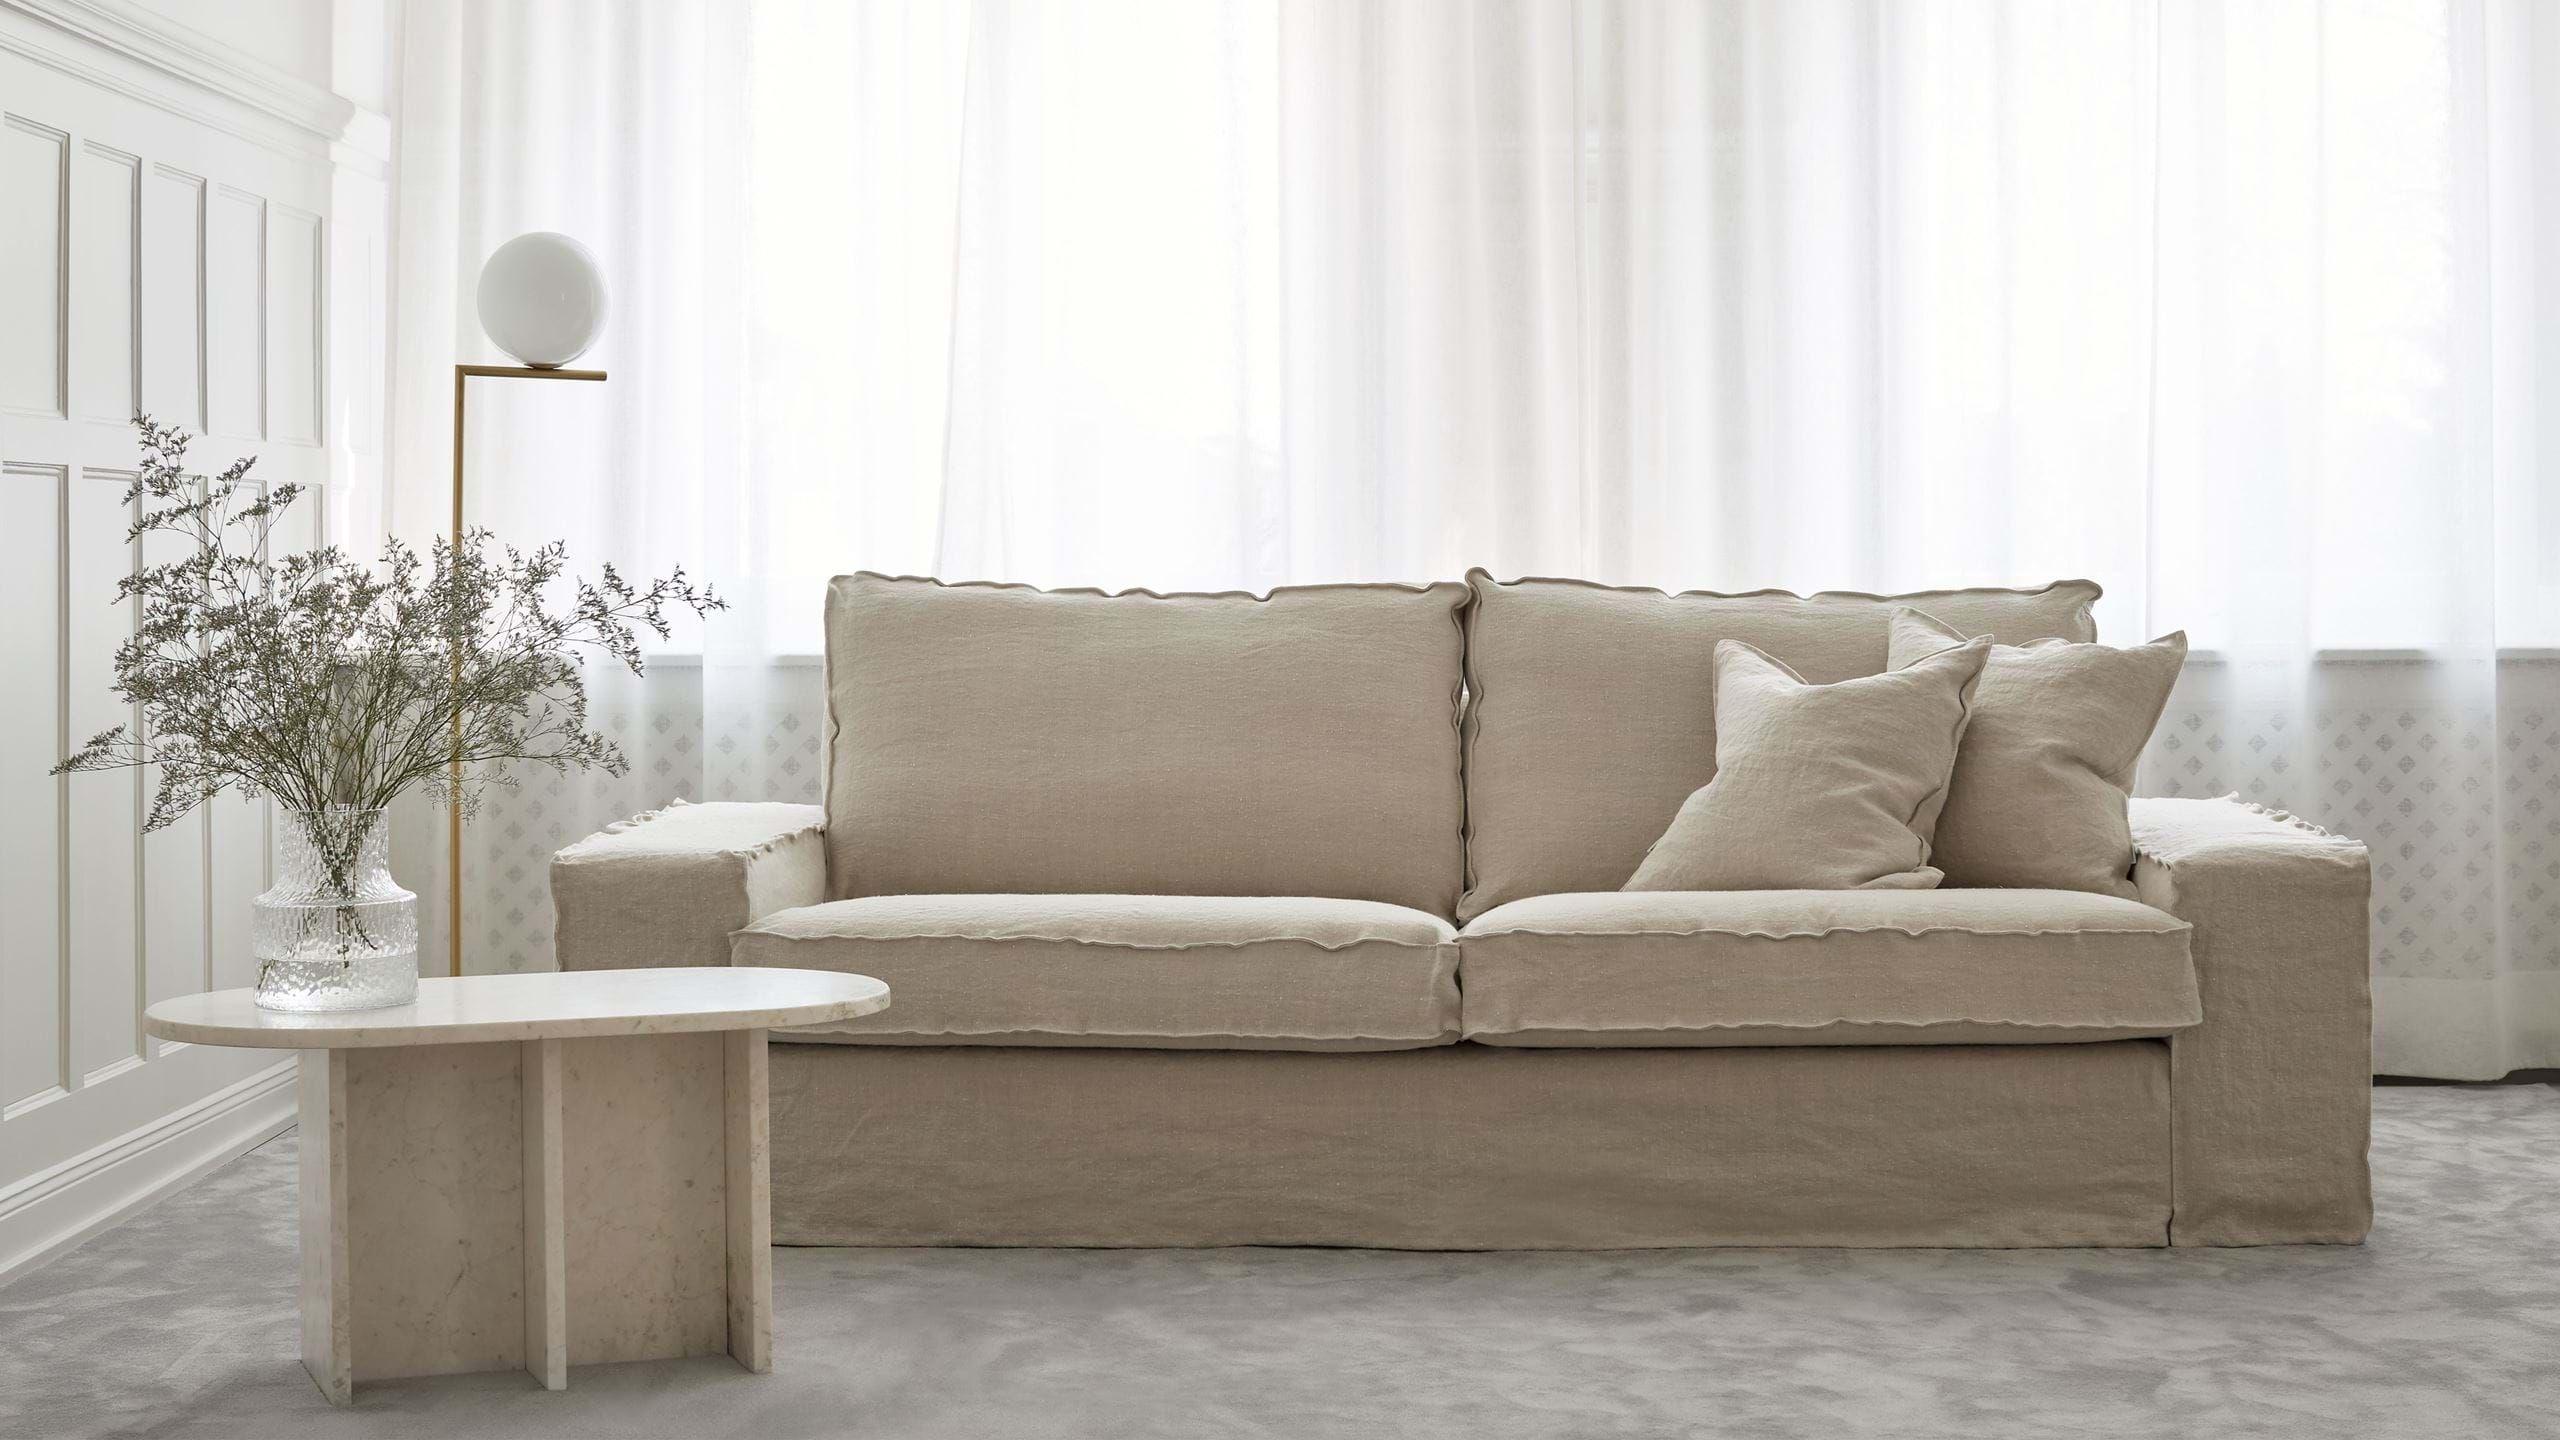 IKEA Kivik sofa review by Bemz   Bemz   Ikea kivik, Kivik sofa ...